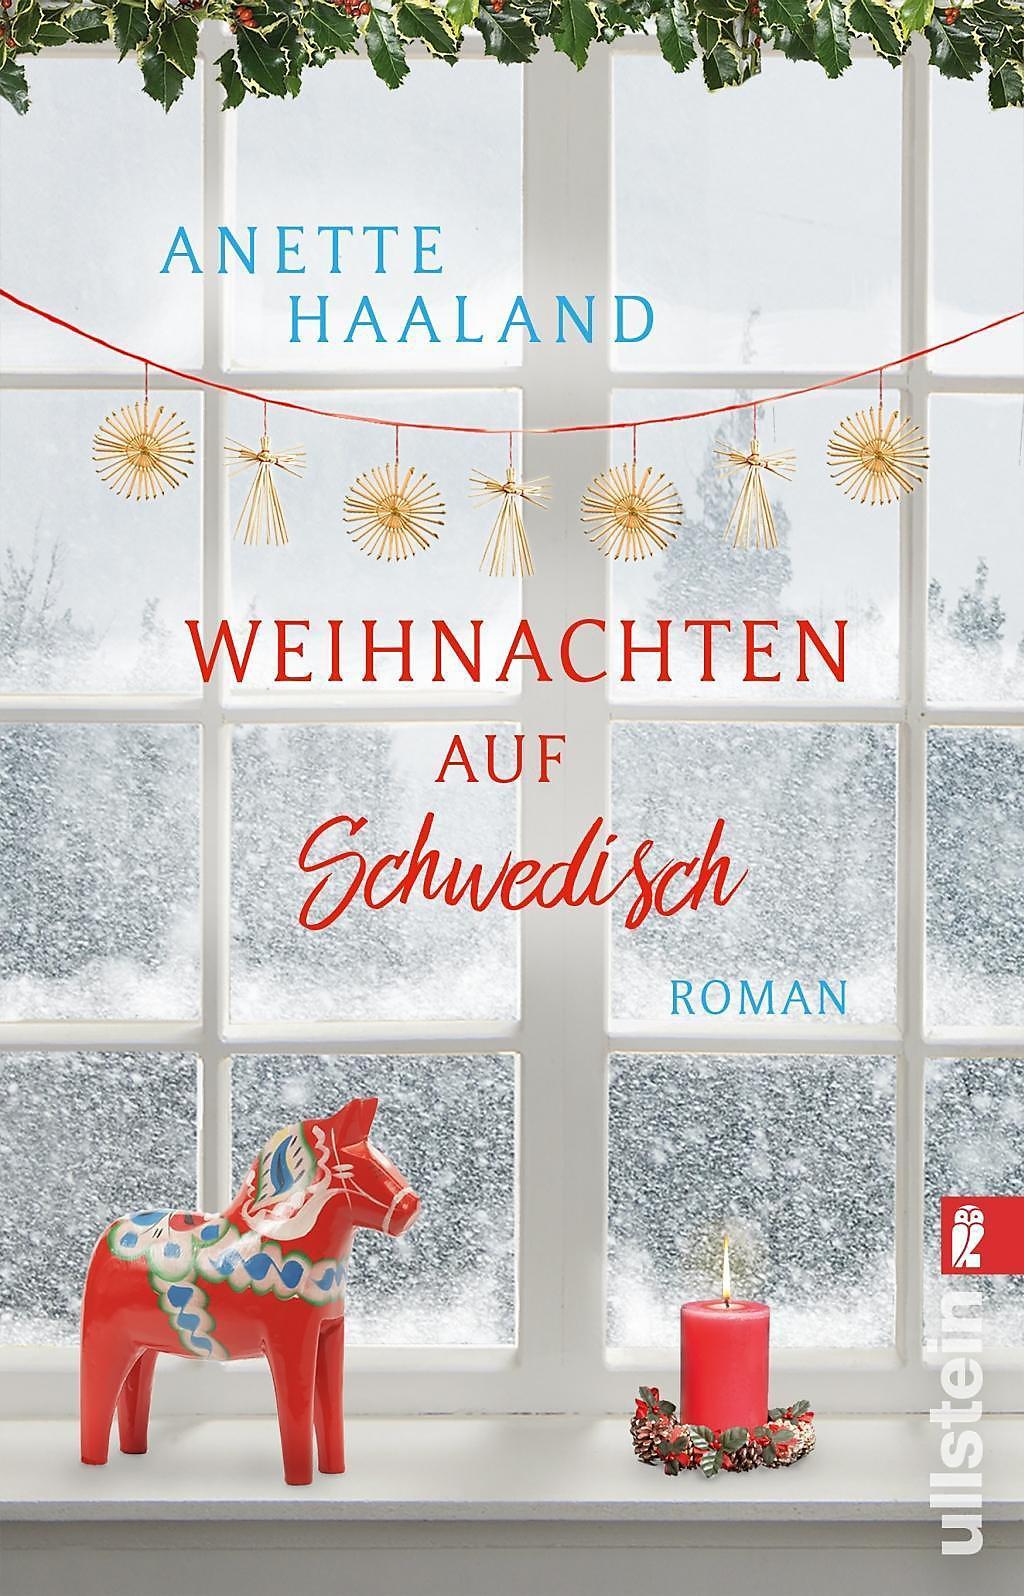 Weihnachten auf Schwedisch Buch bei Weltbild.de online bestellen